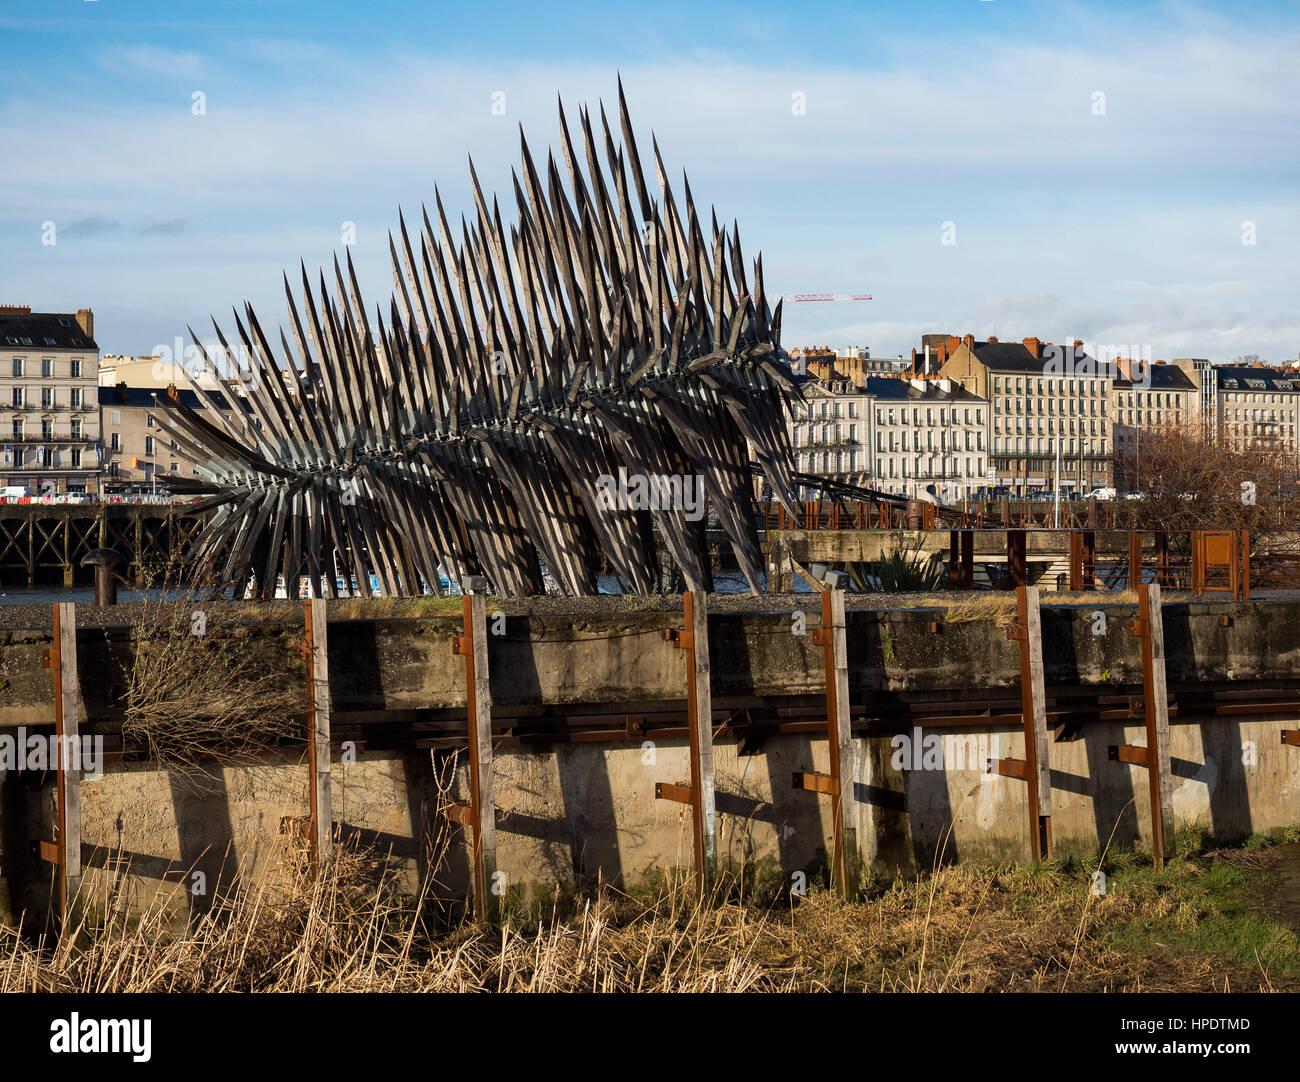 Sculpture 'Résolution des Forces en présence' of Vincent Mauger, Cité des Chantiers, ile - Stock Image